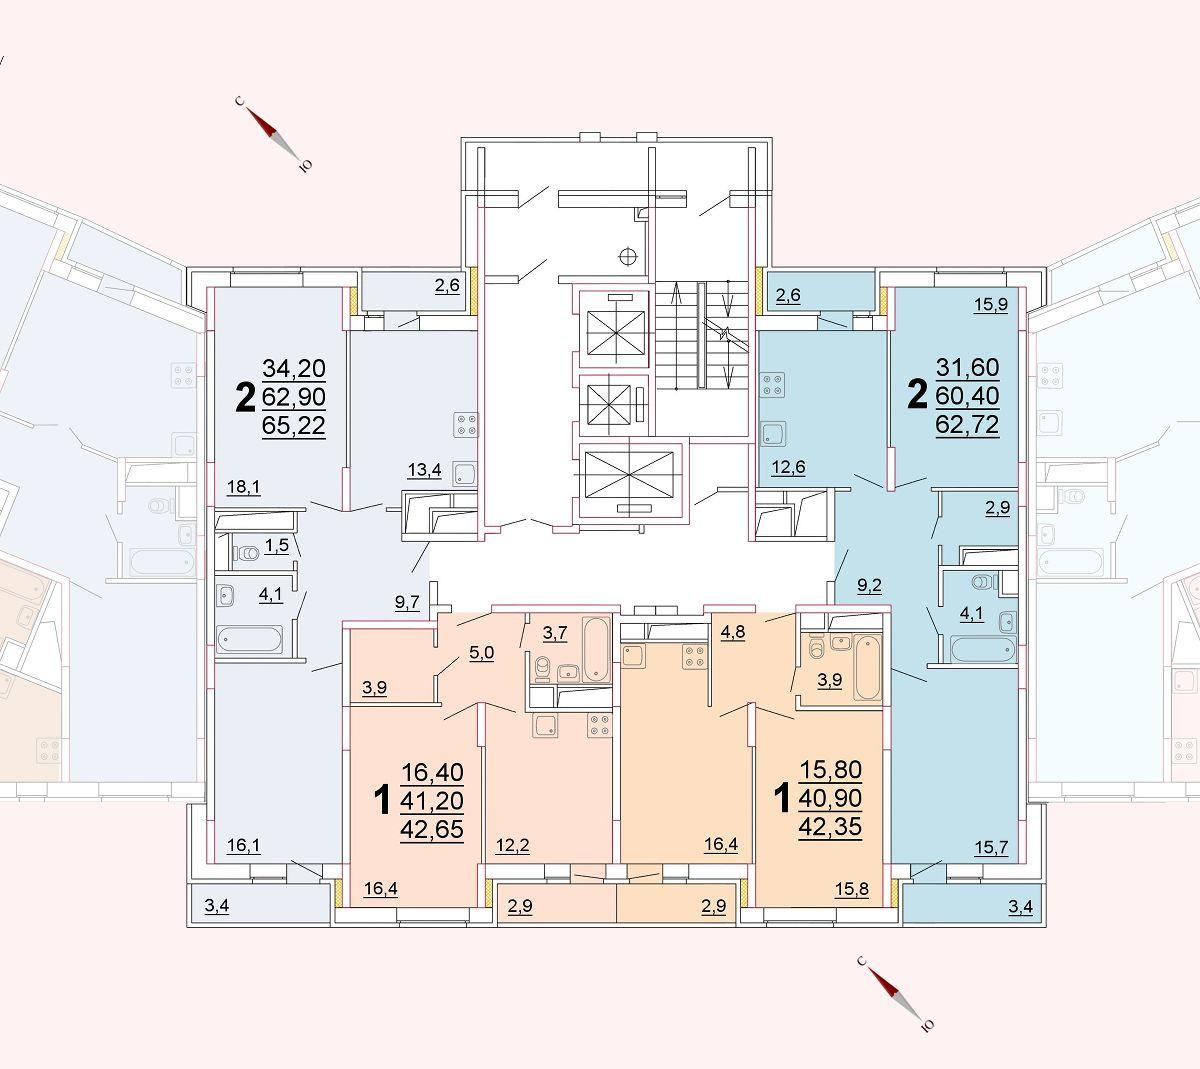 Микрорайон «Центральный», корпус 52г, секция 2, этаж/этажи 10-13